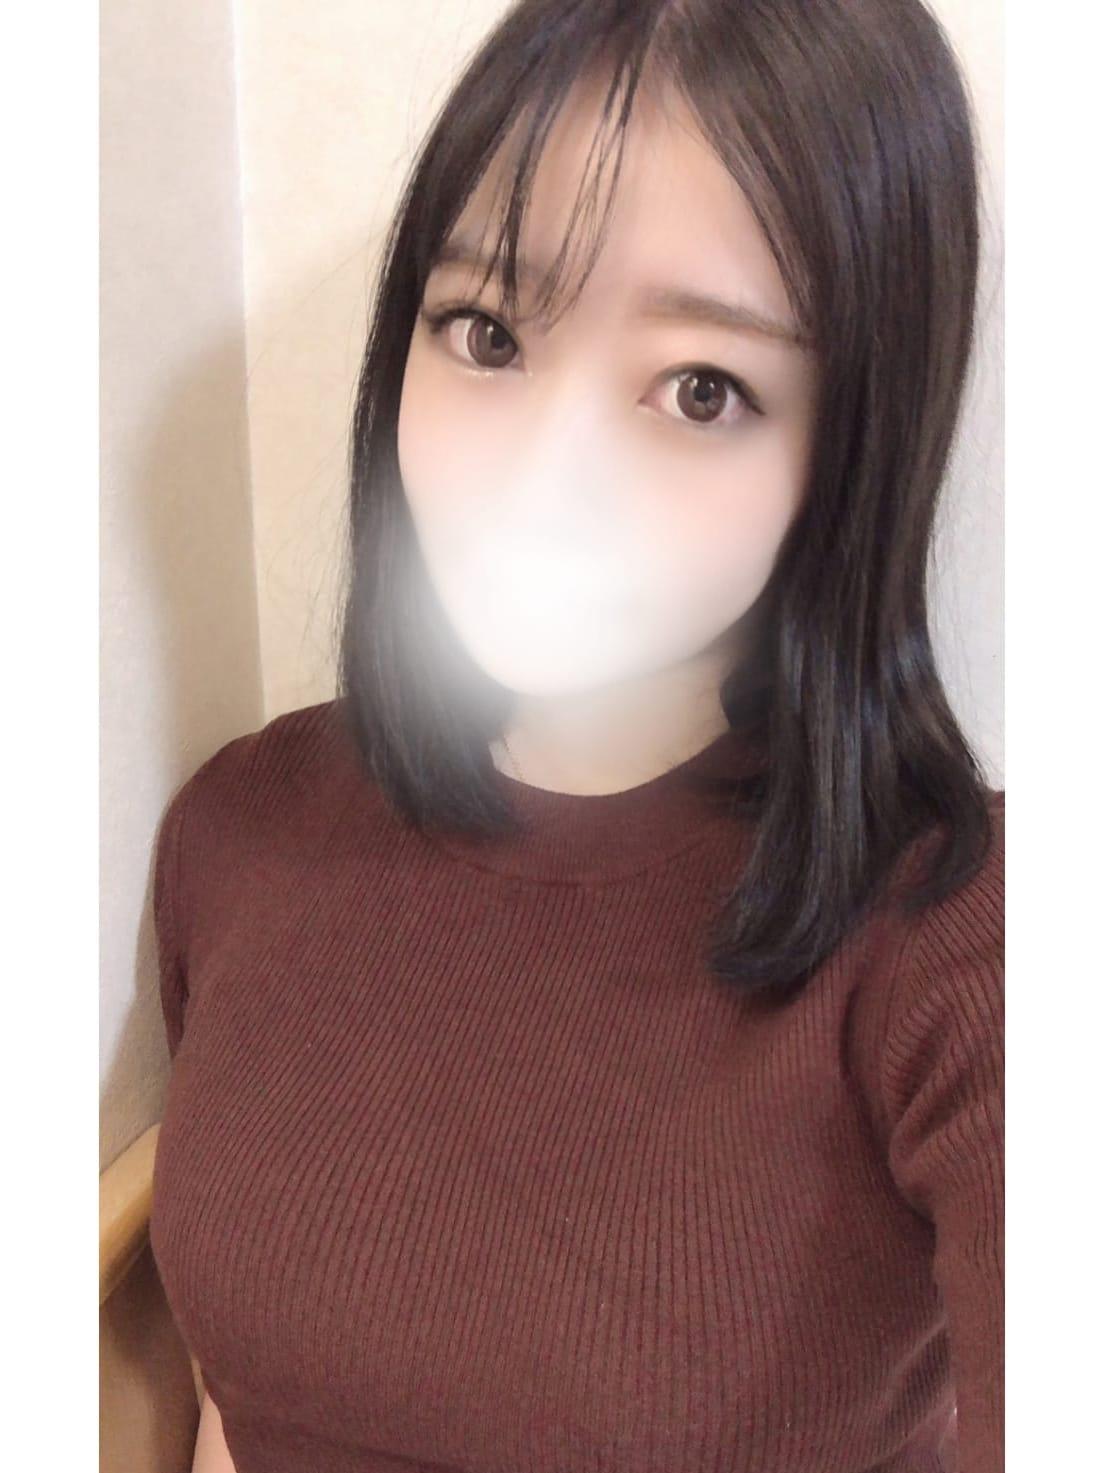 杏樹(あんじゅ)(ノア(NOA))のプロフ写真1枚目